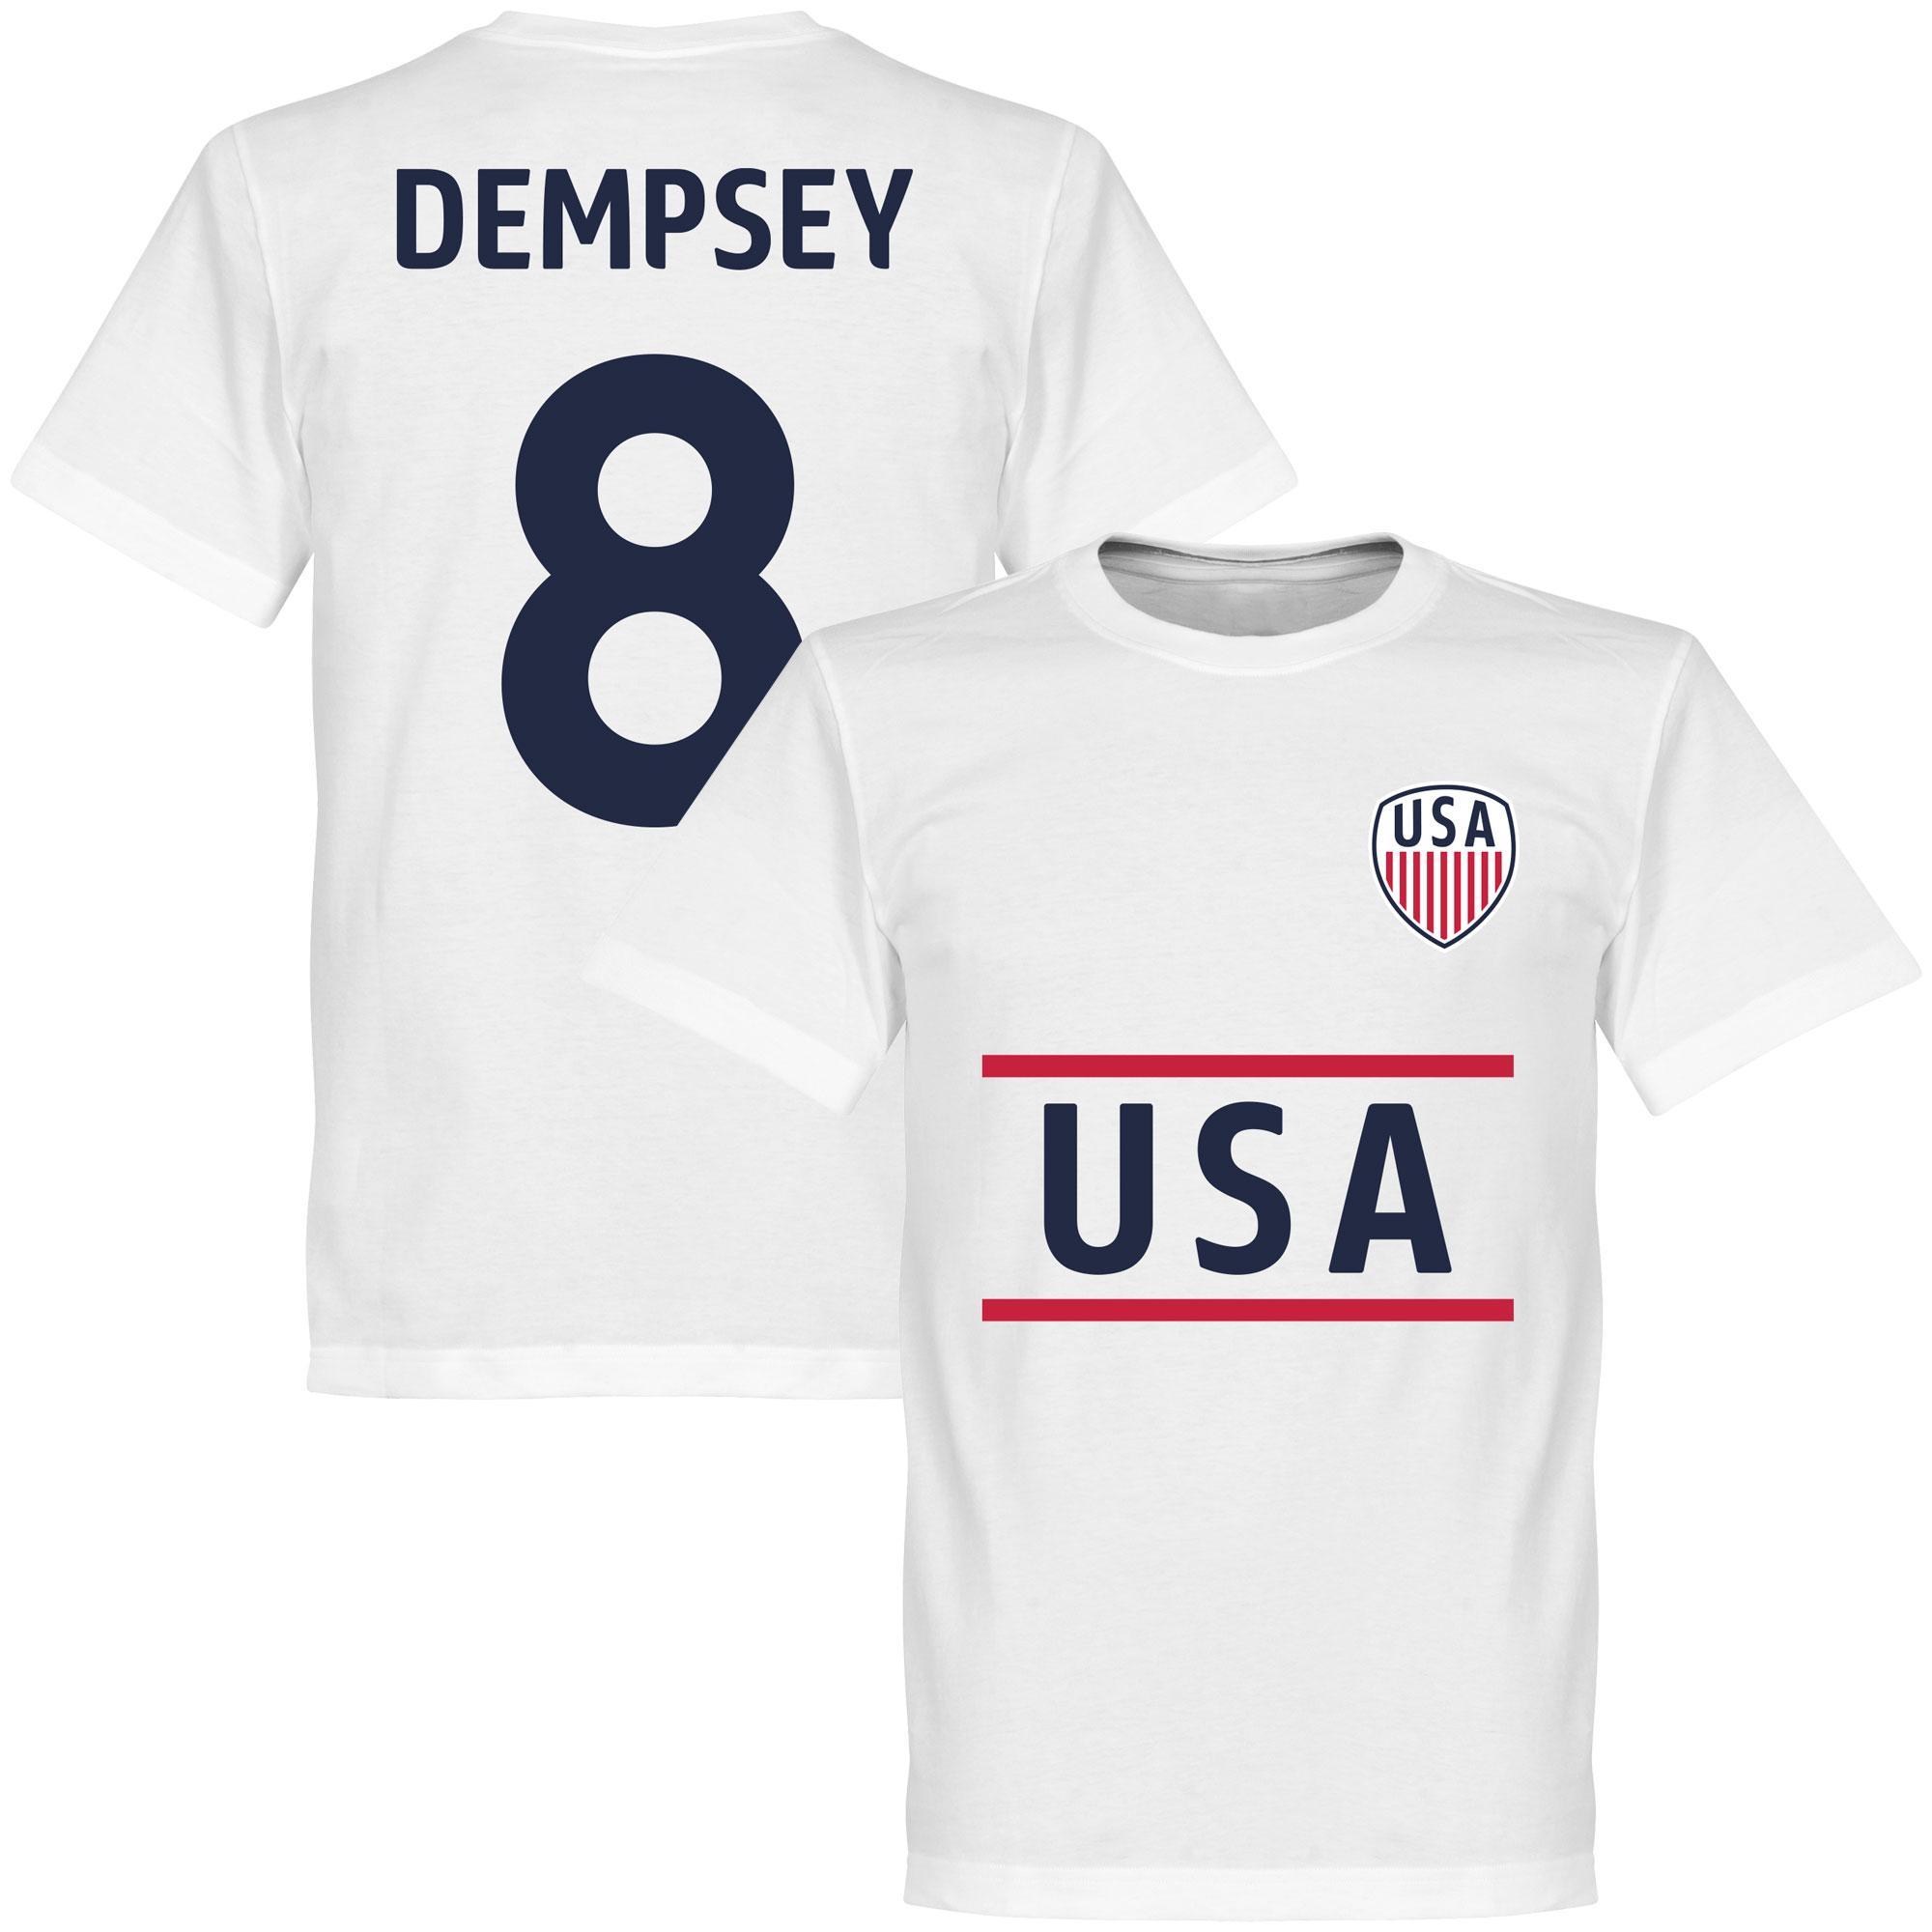 USA Dempsey 8 Team Tee - White - XXXXXL